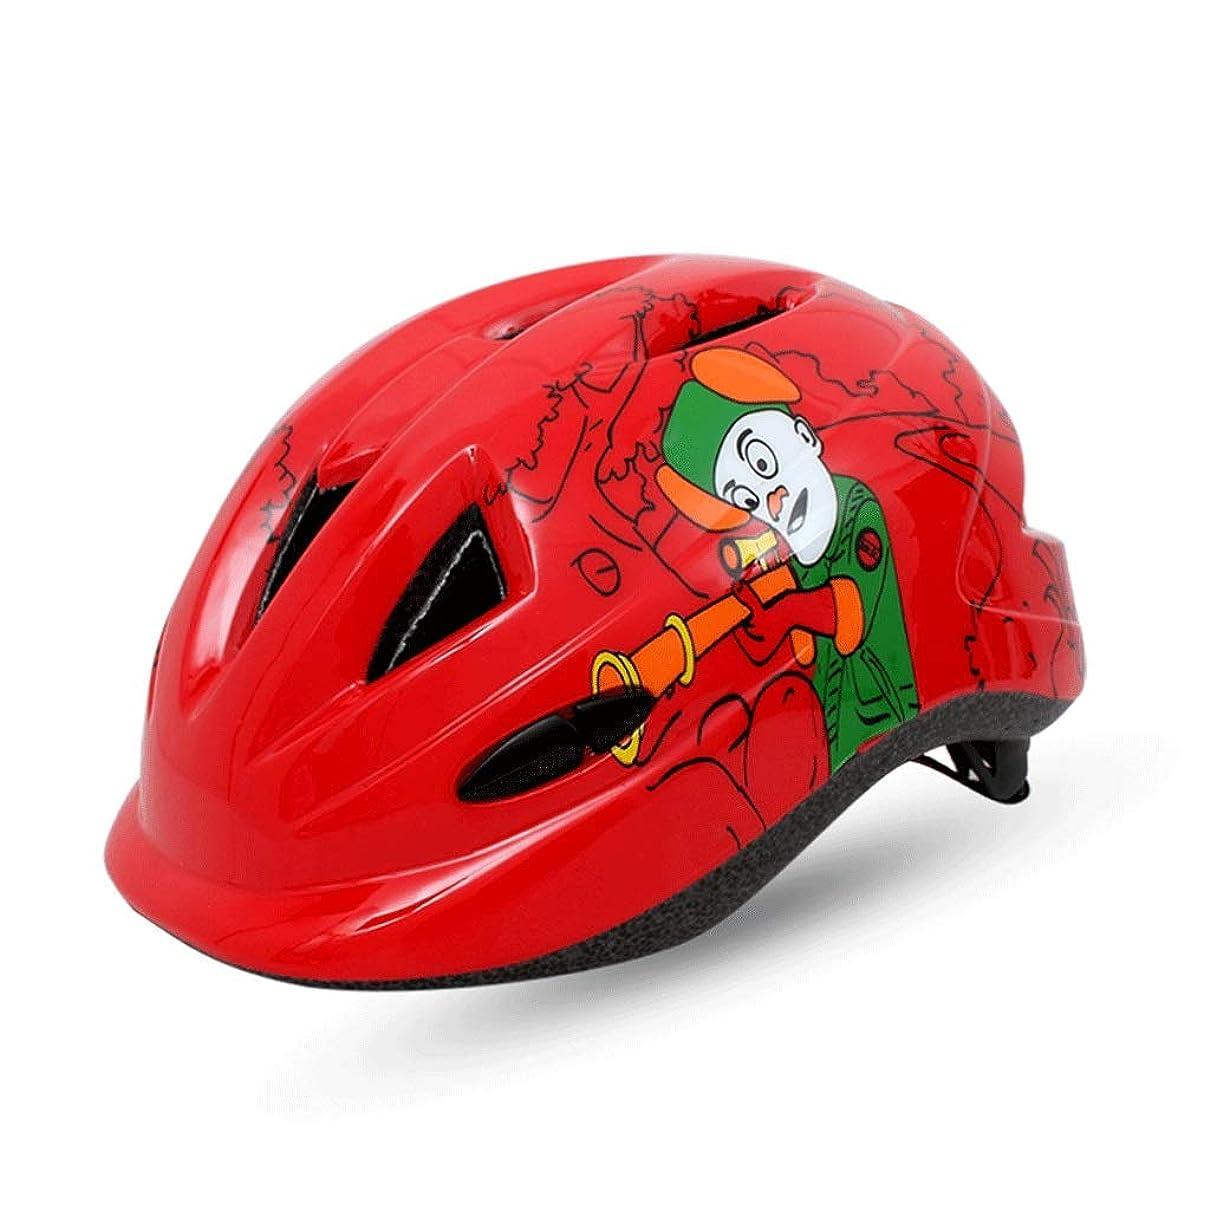 看板重要な役割を果たす、中心的な手段となる見せますヘルメット 子供用ヘルメット自転車漫画の乗馬用ヘルメットヘルメットスポーツ用品 DJLSF (色 : 赤)